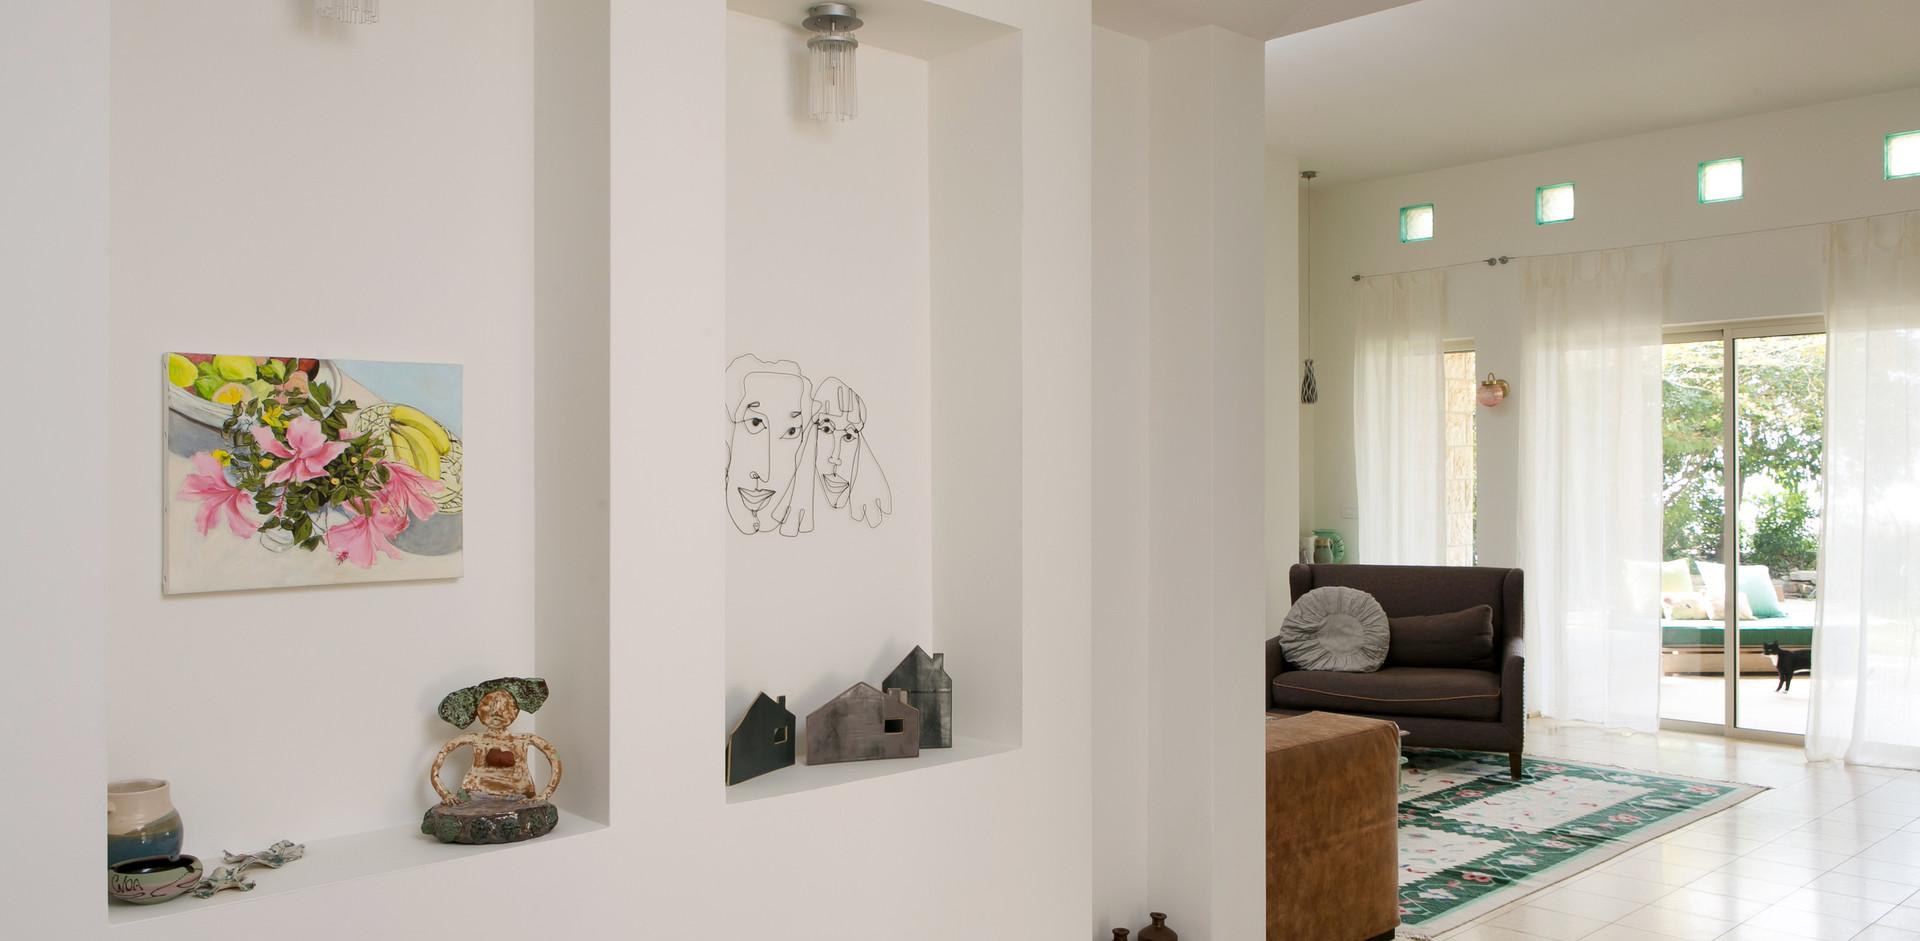 מבט מהכניסה של הבית לחלל המרכזי;יצירה ישראלית משתלבת בעיצוב חלל הבית